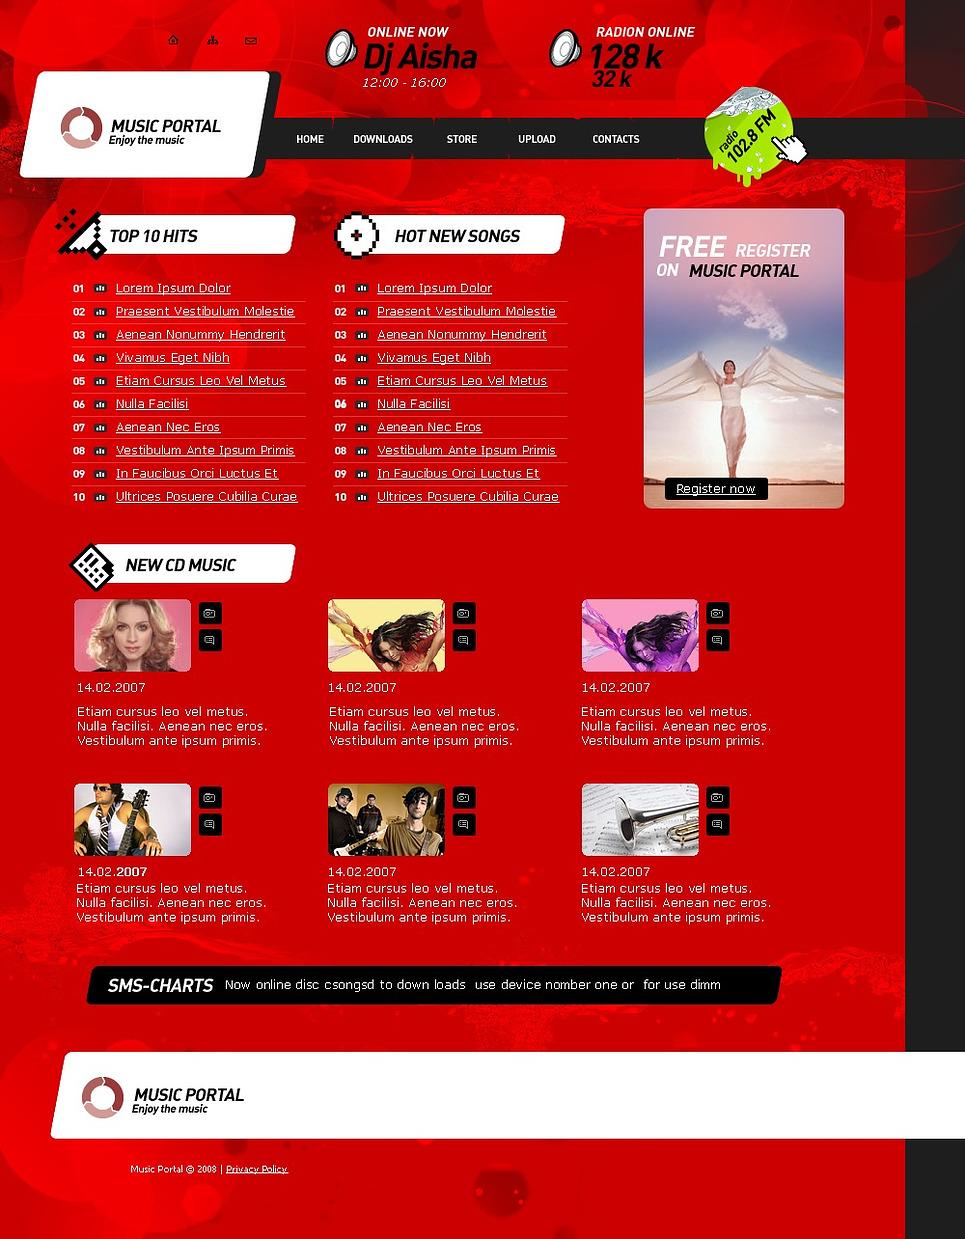 Music Portal Website Template New Screenshots BIG